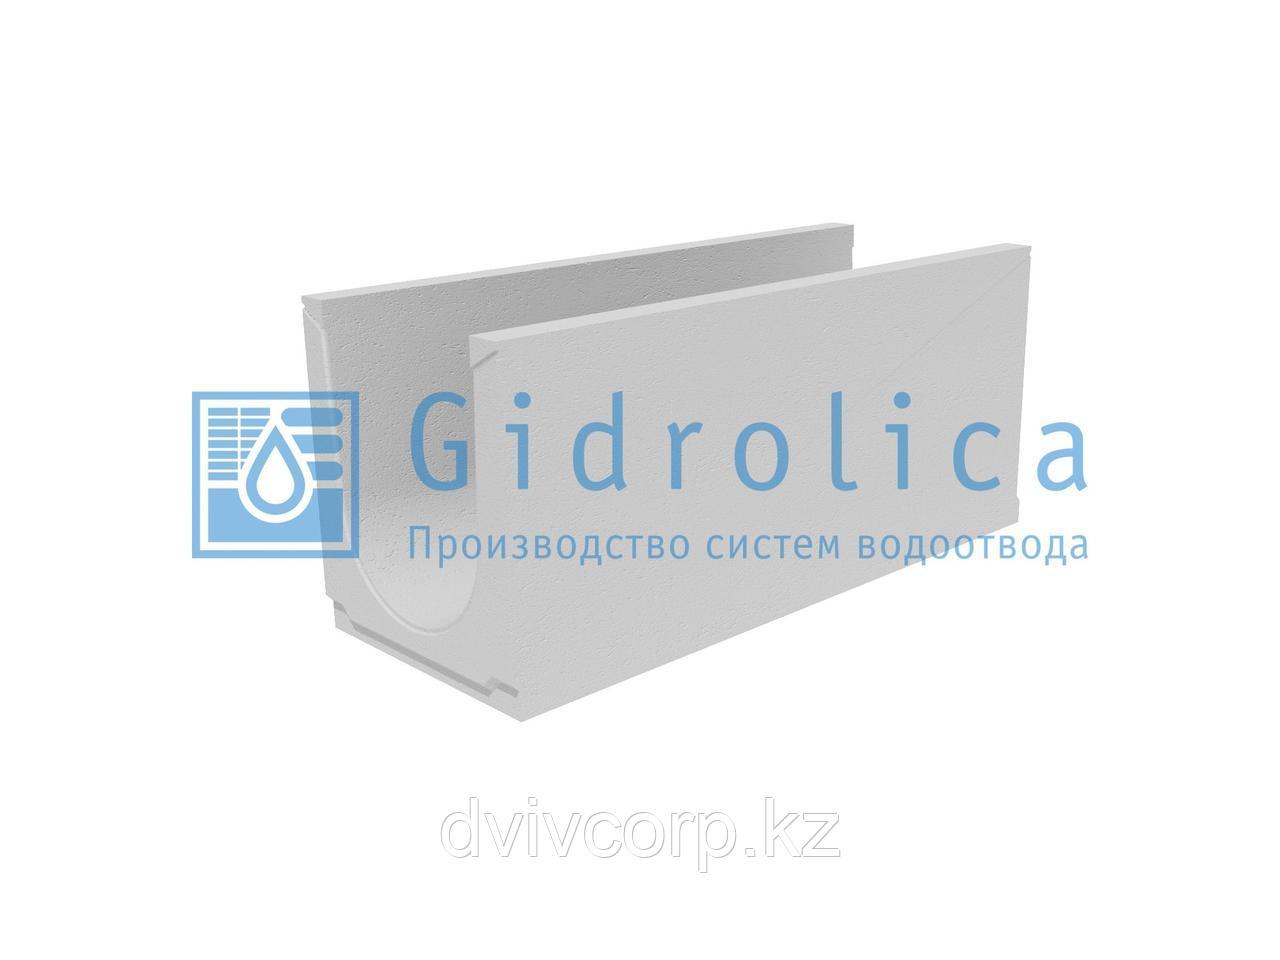 Лоток водоотводный бетонный коробчатый (СО-300мм), с уклоном 0,5%  КUу 100.39,4(30).44(37) - BGU, № 9